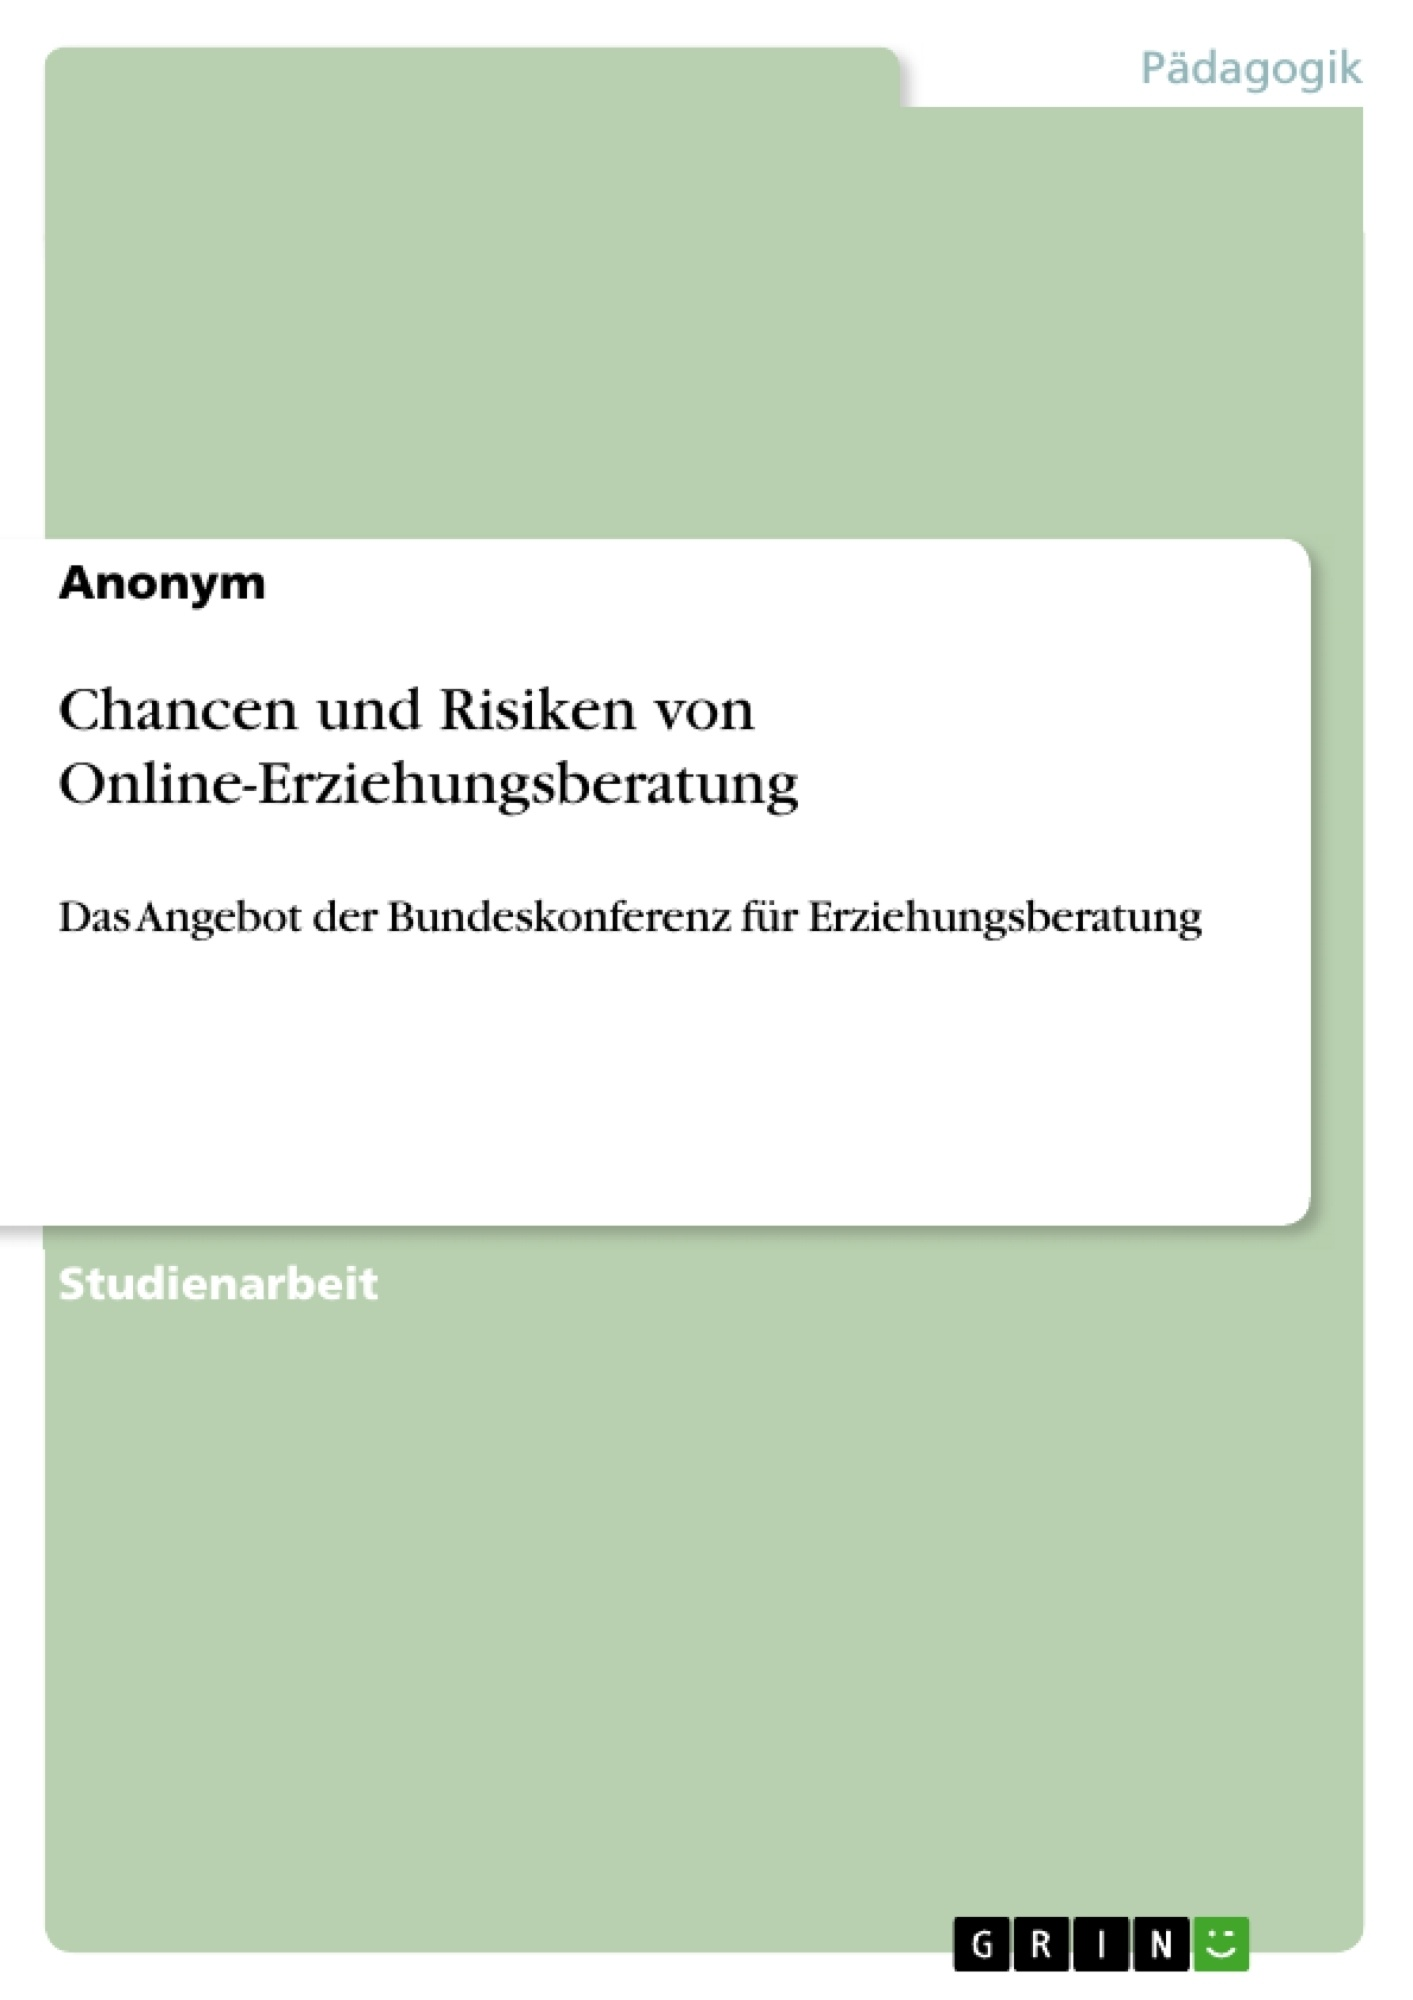 Titel: Chancen und Risiken von Online-Erziehungsberatung